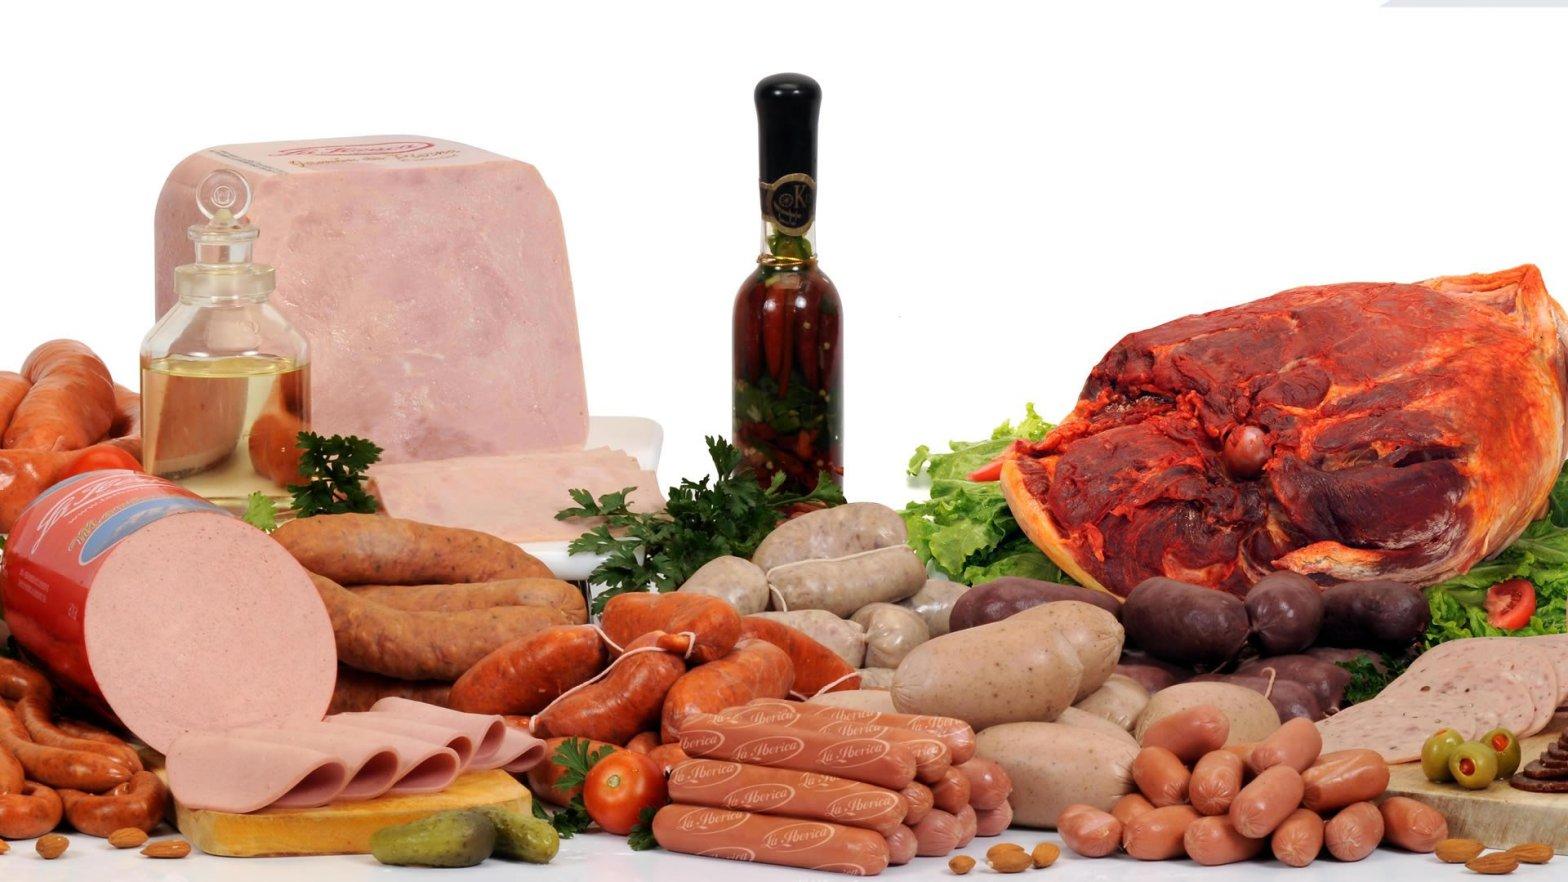 Salud: consumo de embutidos eleva riesgo de enfermedades al corazón